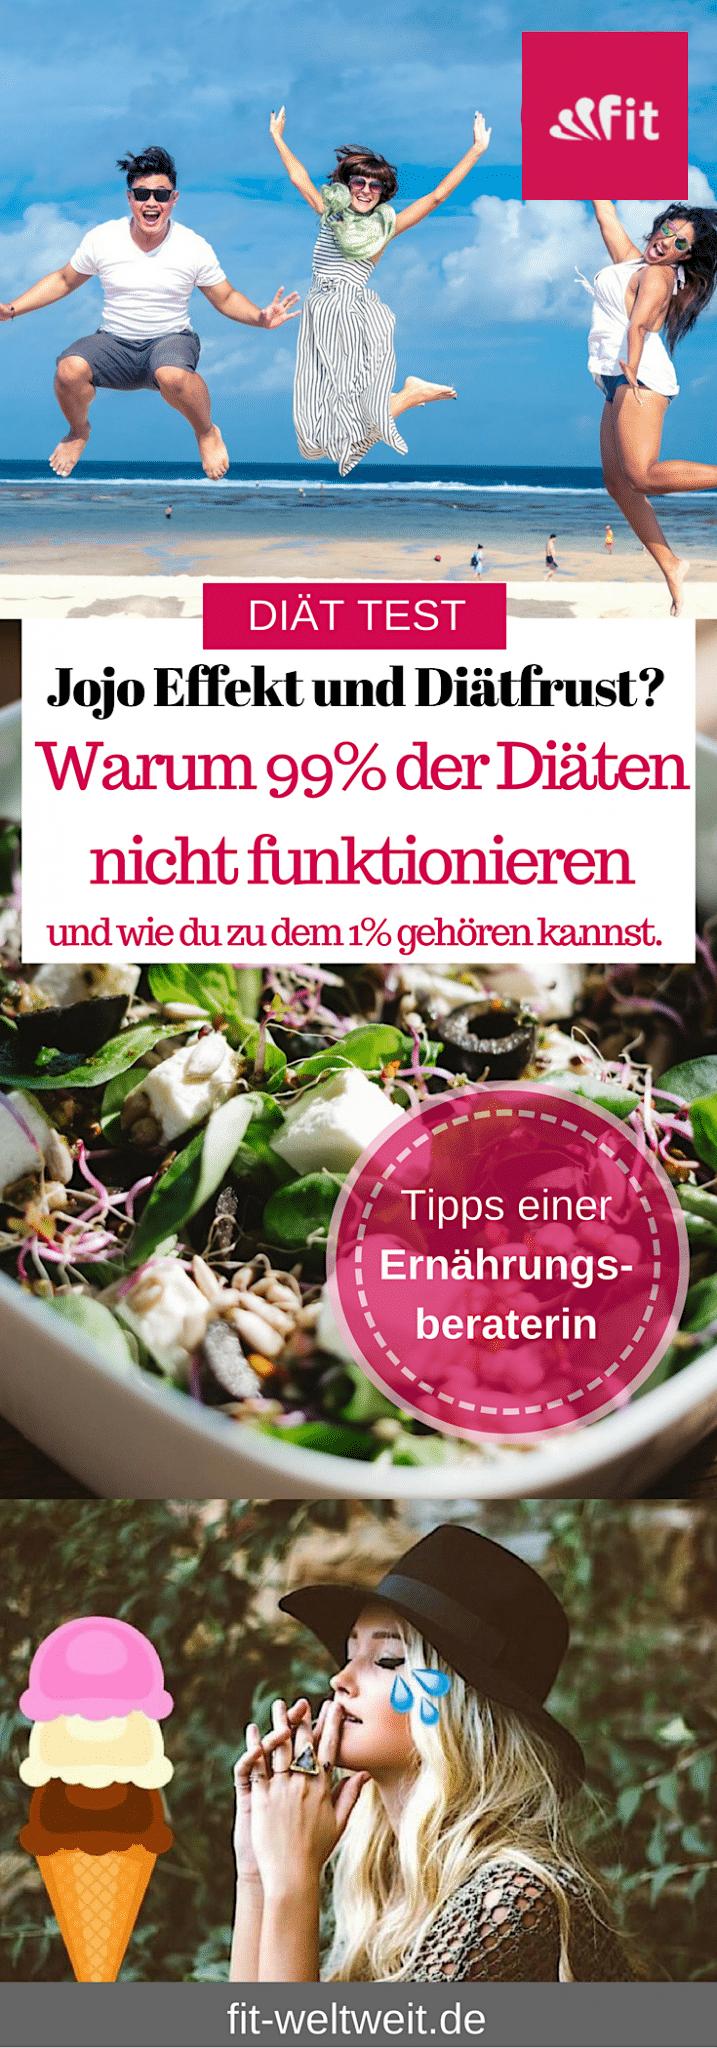 Nimmst du mit deiner Diät auch nicht DAUERHAFT ab? 99% der Diäten gehen schief und bringen eher #Diätfrust als #Lebenslust. Ich zeige dir, warum Diäten nicht Funktionieren und wie du zu dem 1% gehören kannst, bei denen das Abnehmen klappt. Schluss mit dem #Jojoeffekt und der #Diätlüge #Diät #abnehmen Diätfrust Diät funktioniert nicht